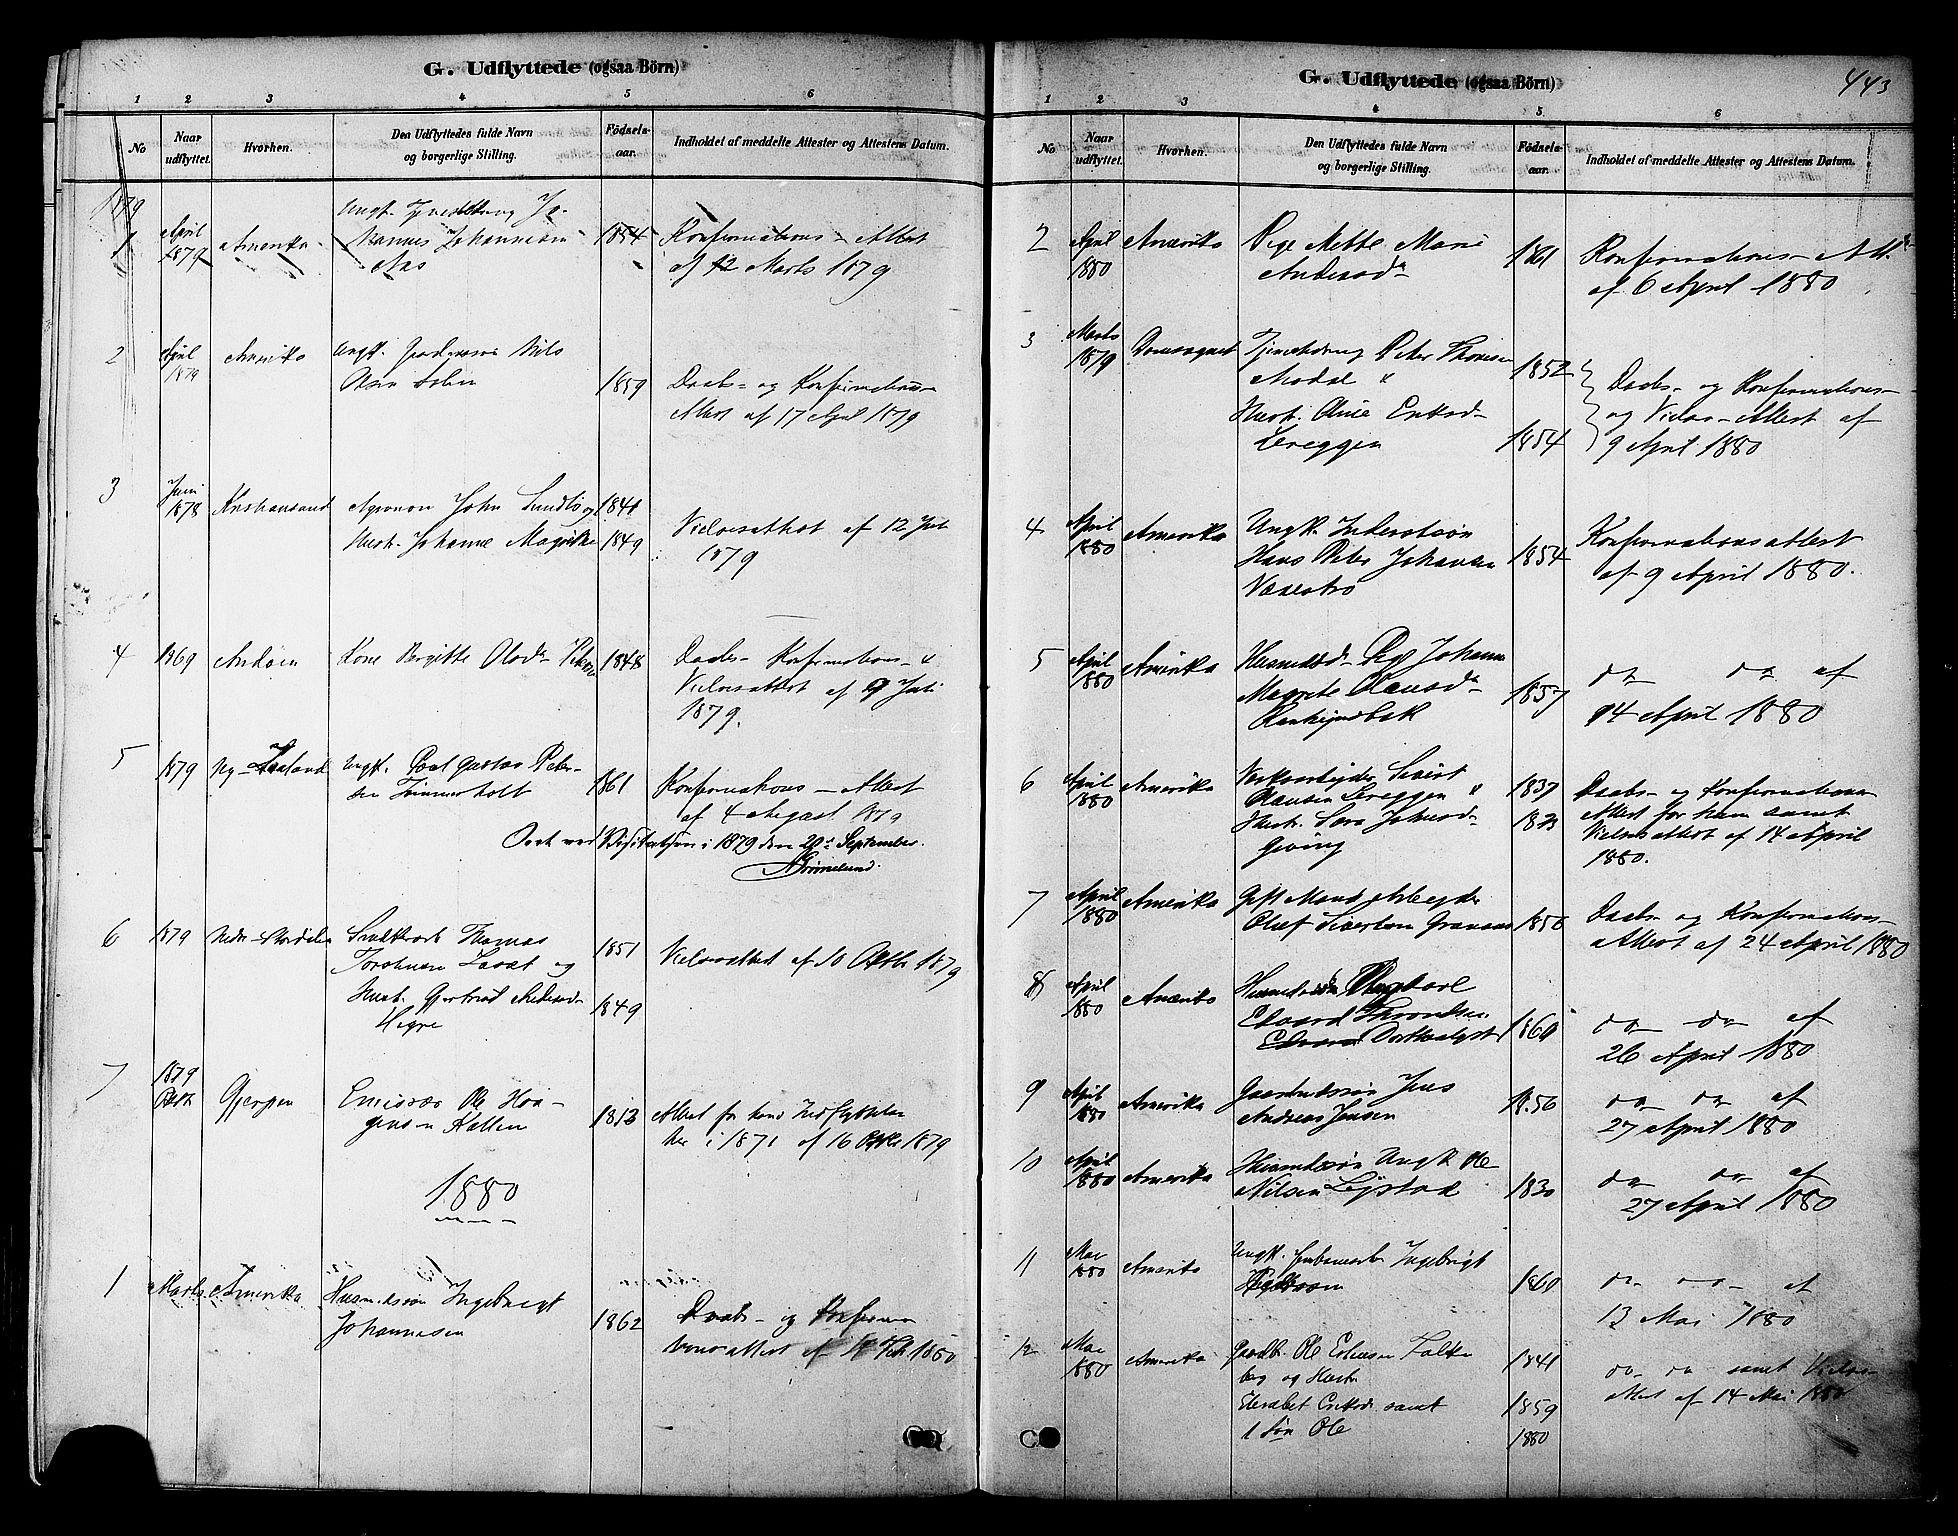 SAT, Ministerialprotokoller, klokkerbøker og fødselsregistre - Sør-Trøndelag, 606/L0294: Ministerialbok nr. 606A09, 1878-1886, s. 443